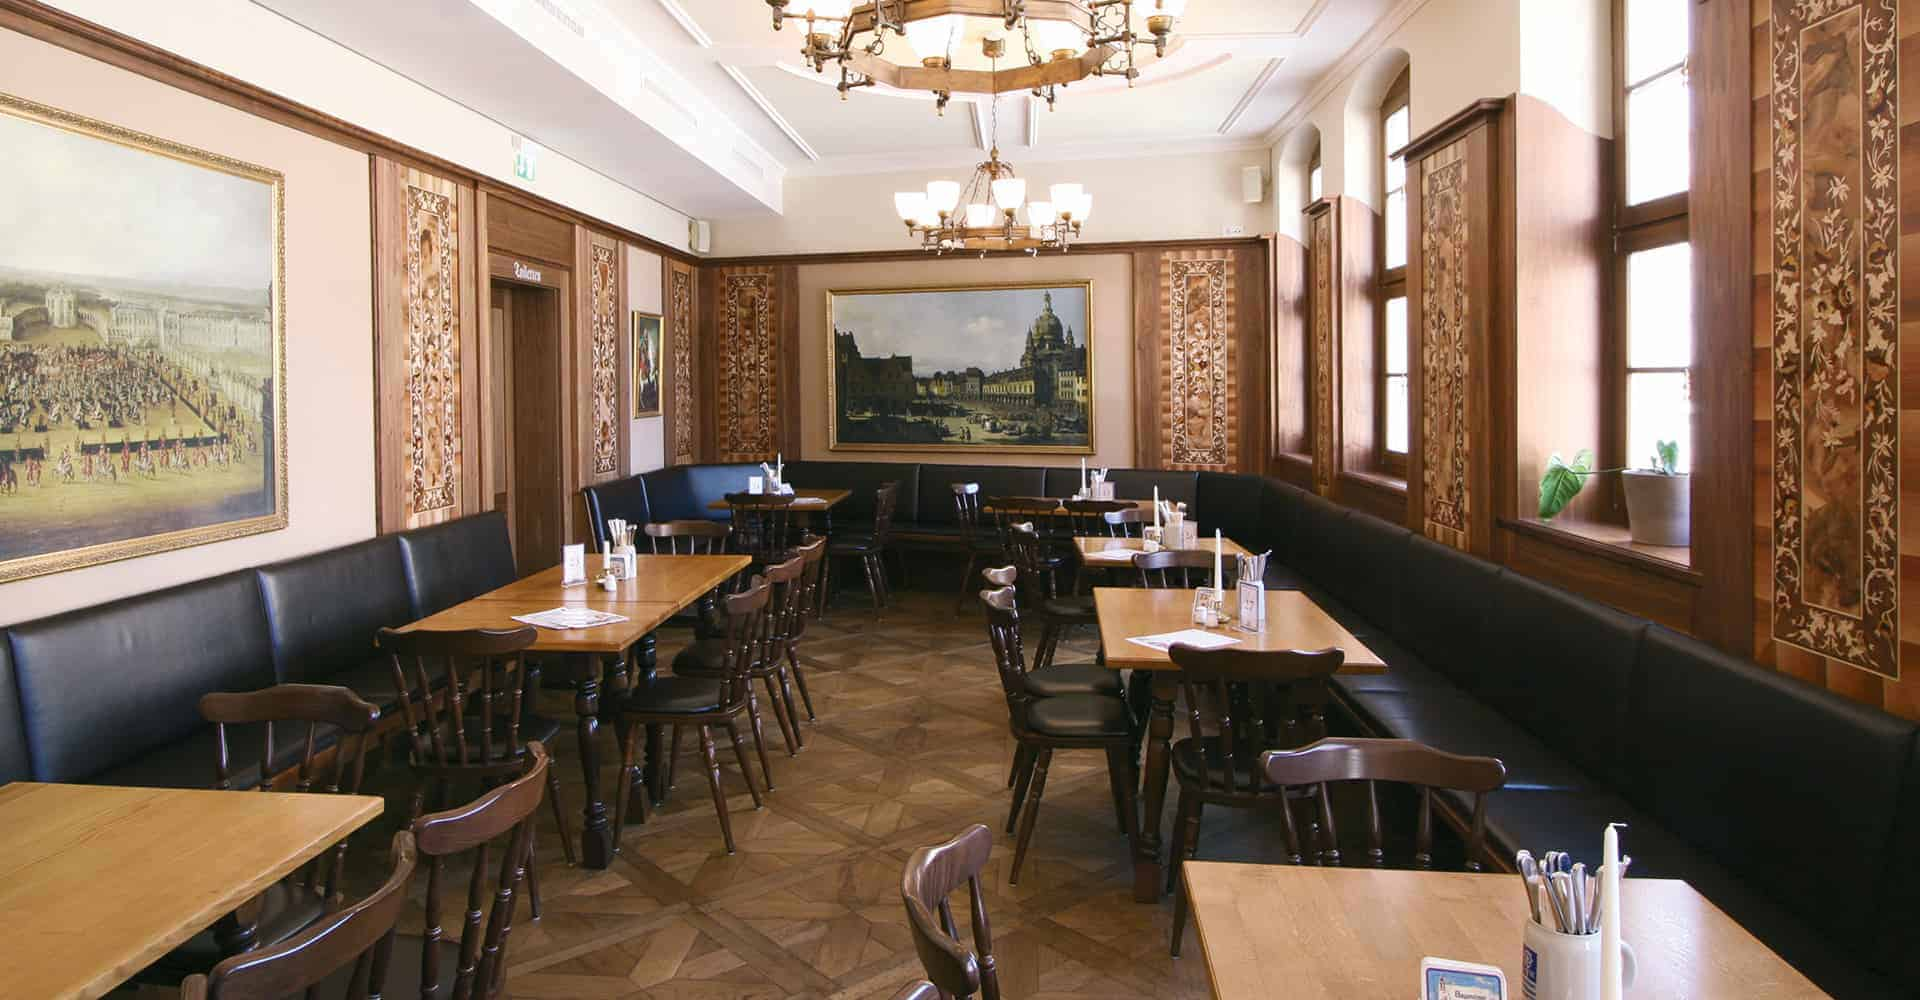 Restaurant Frauenkirche | INNENAUSBAU Umsetzung der Innenraumgestaltung nach den strengen Richtlinien der Augustiner Brauerei in Kombination mit der sächsischen Kultur.